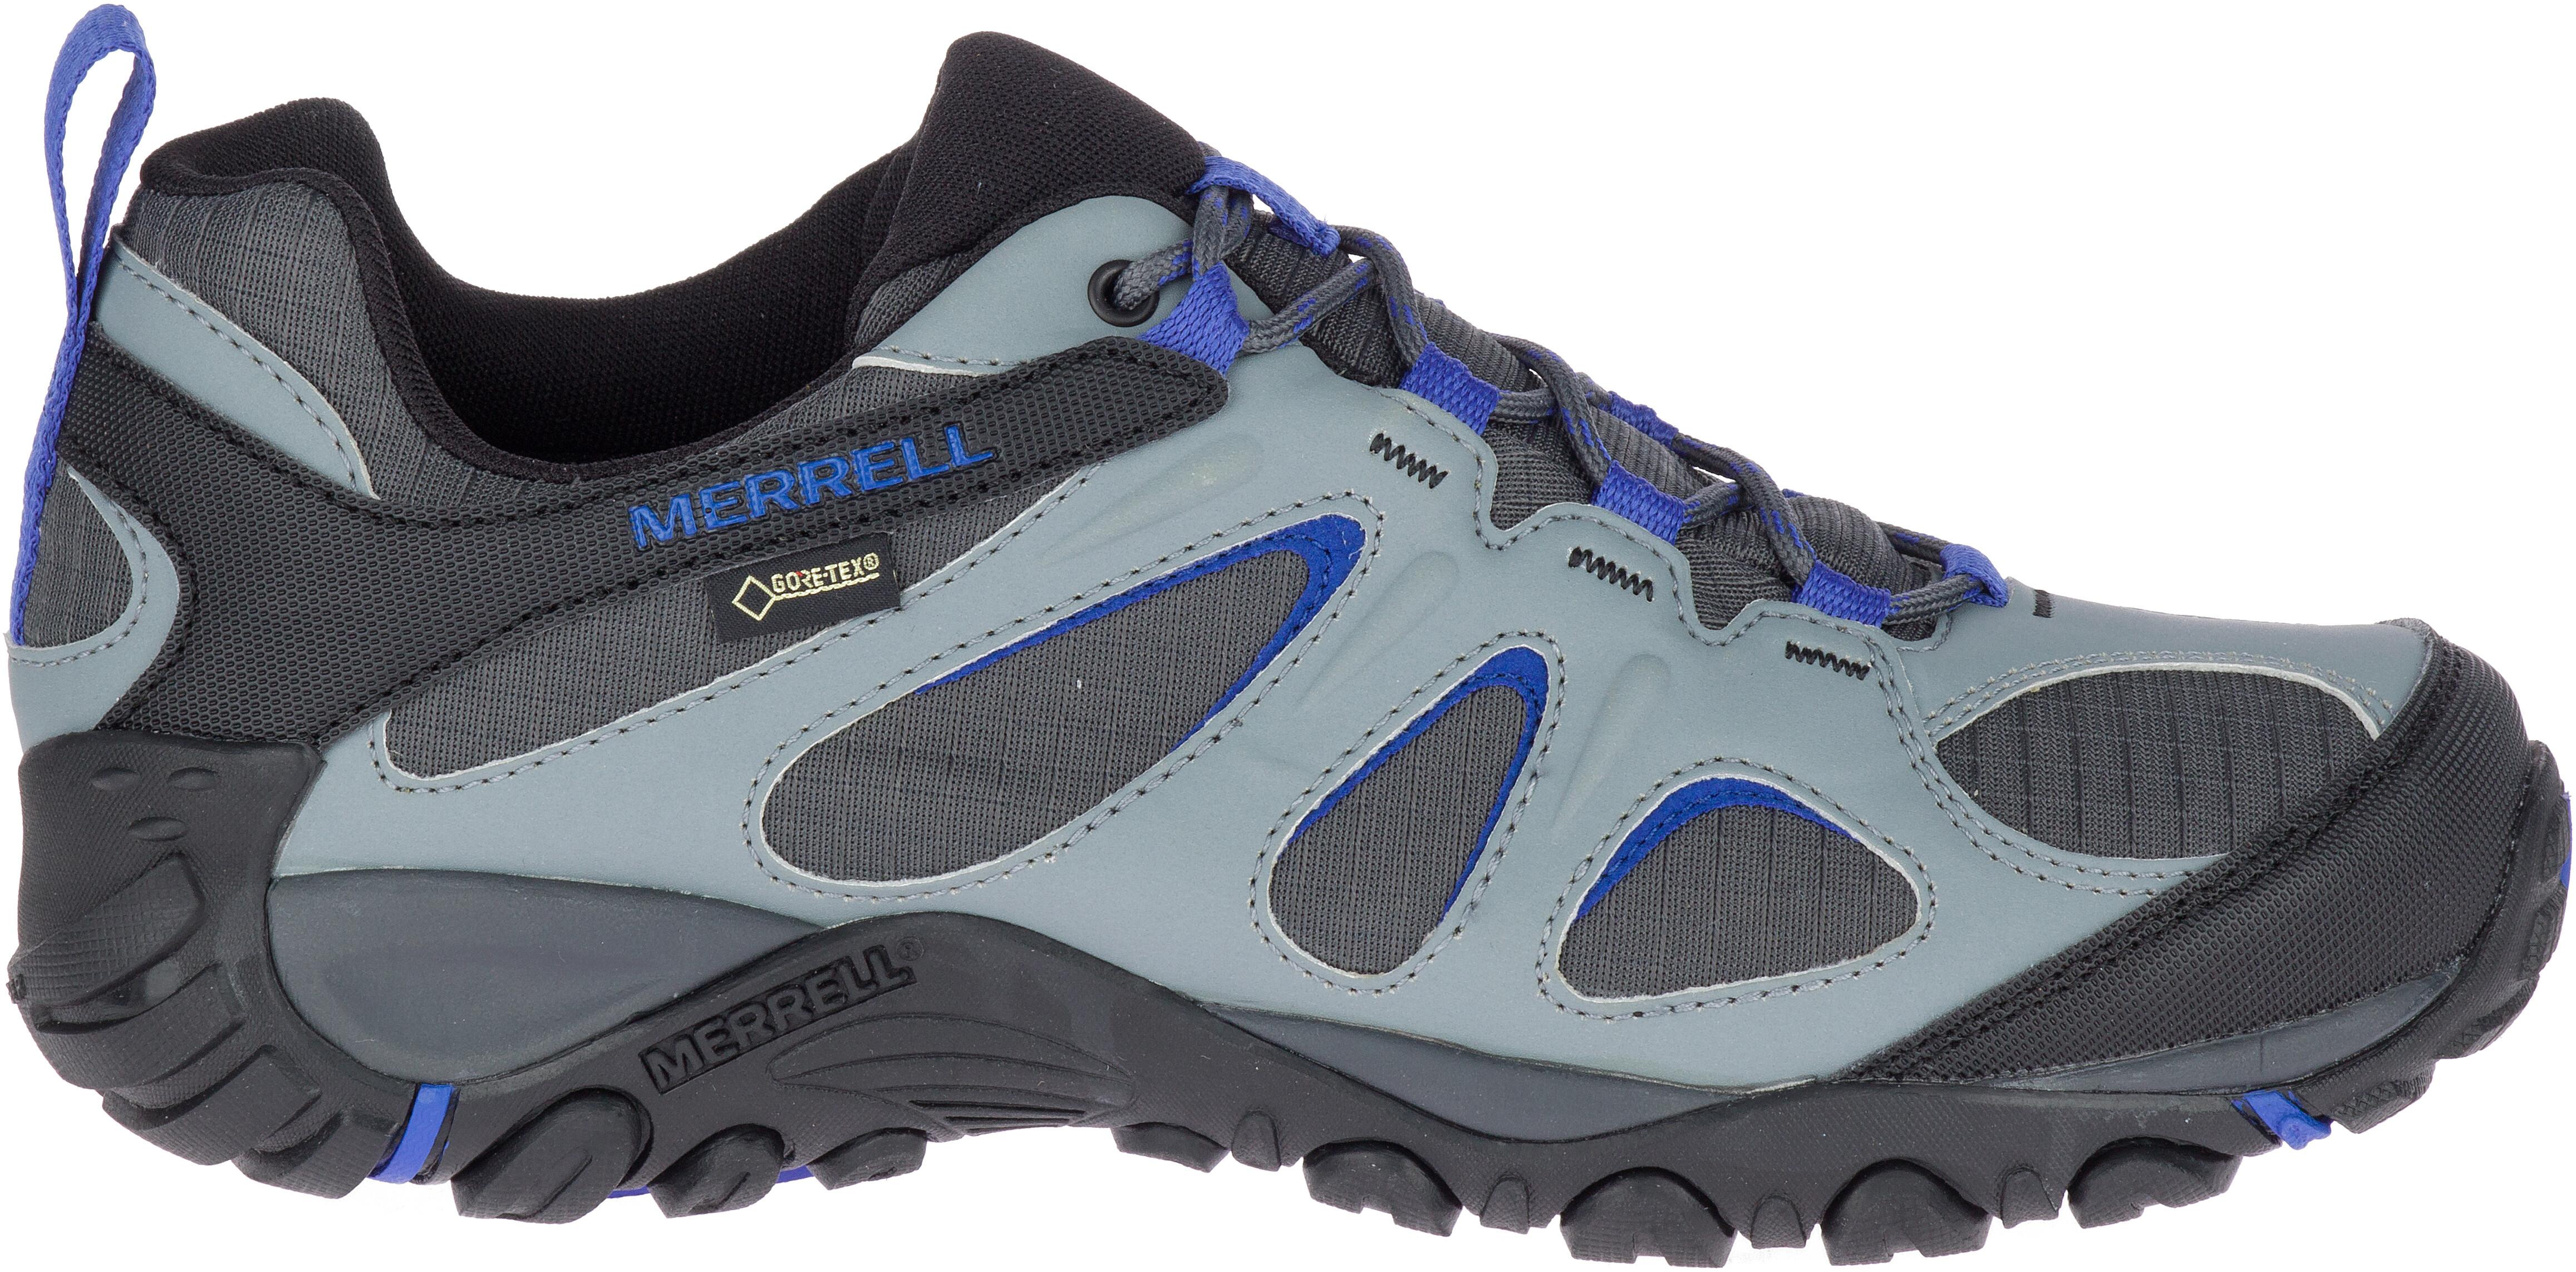 46b6a9b97ae Merrell Yokota 2 Sport GTX - Chaussures Homme - gris bleu sur CAMPZ !